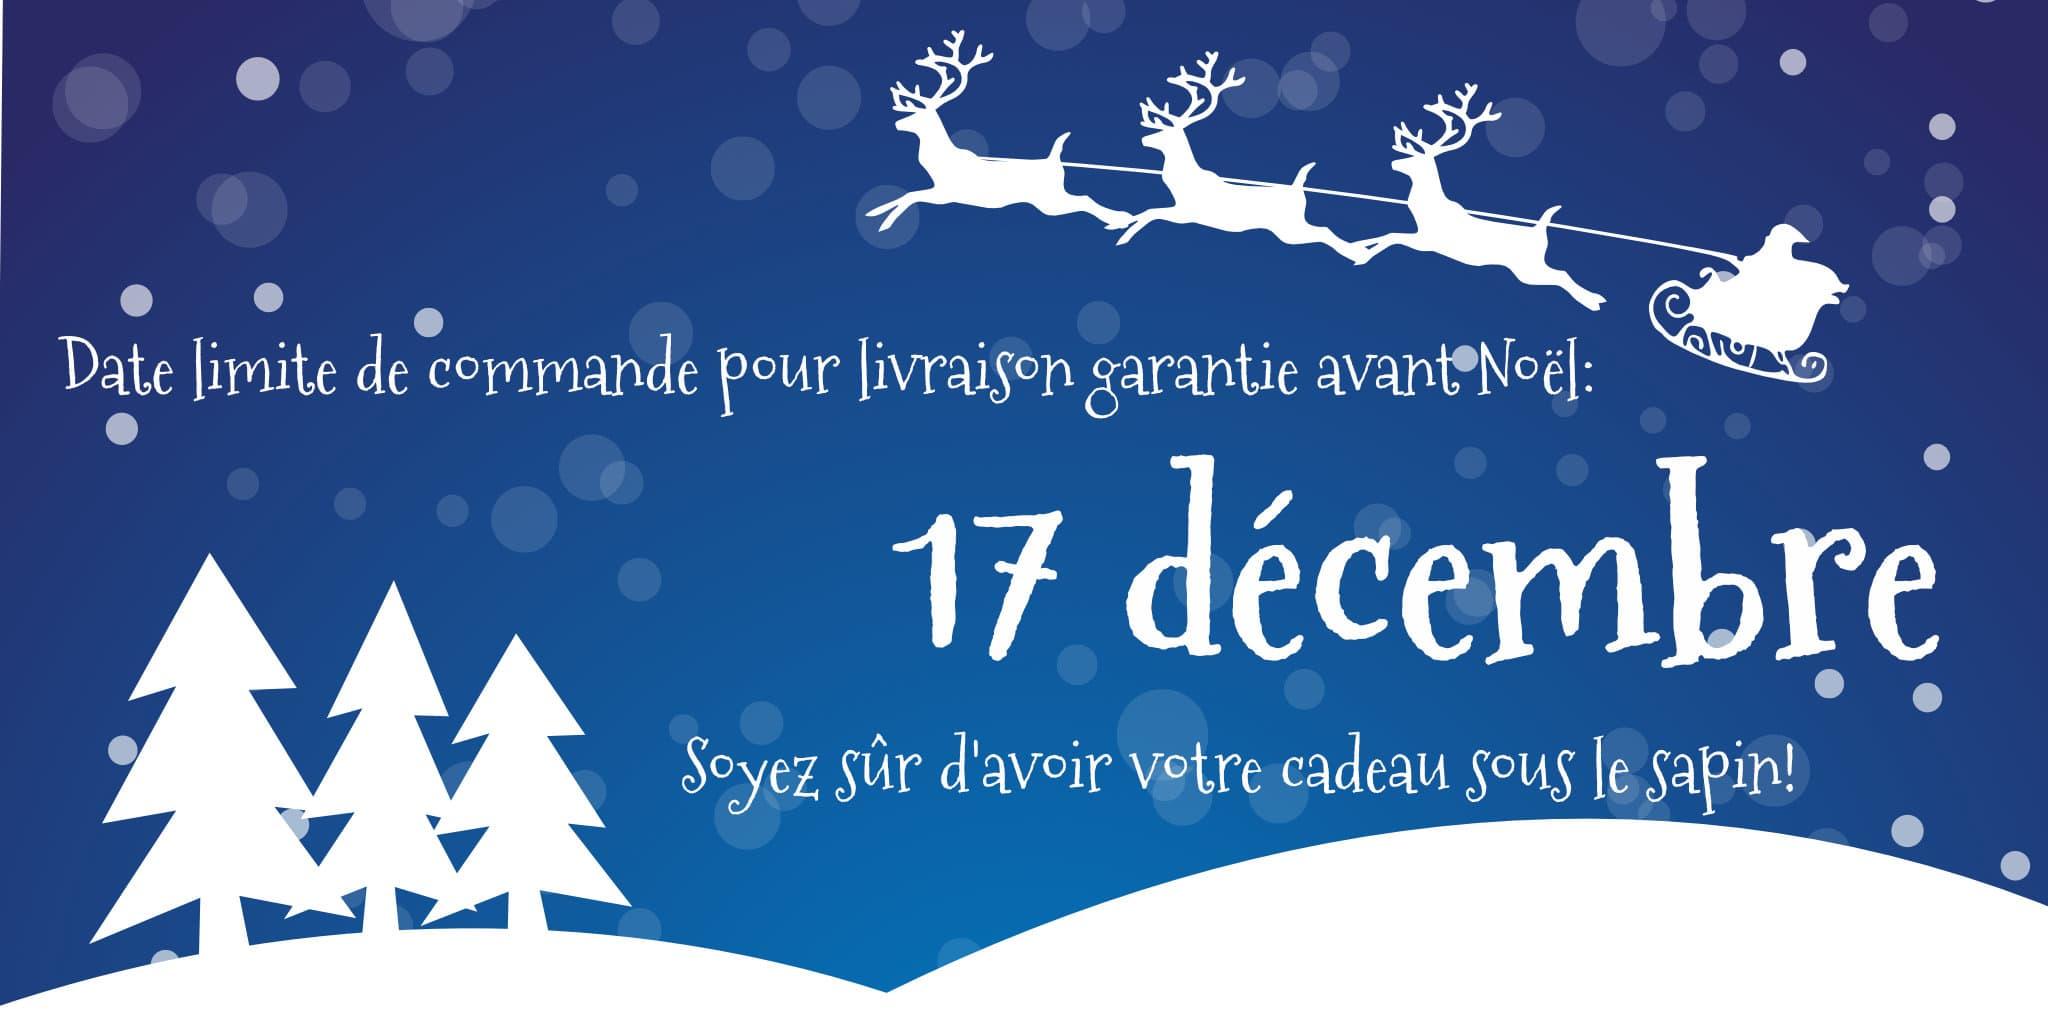 Livraison garantie avant Noël - 17 Décembre